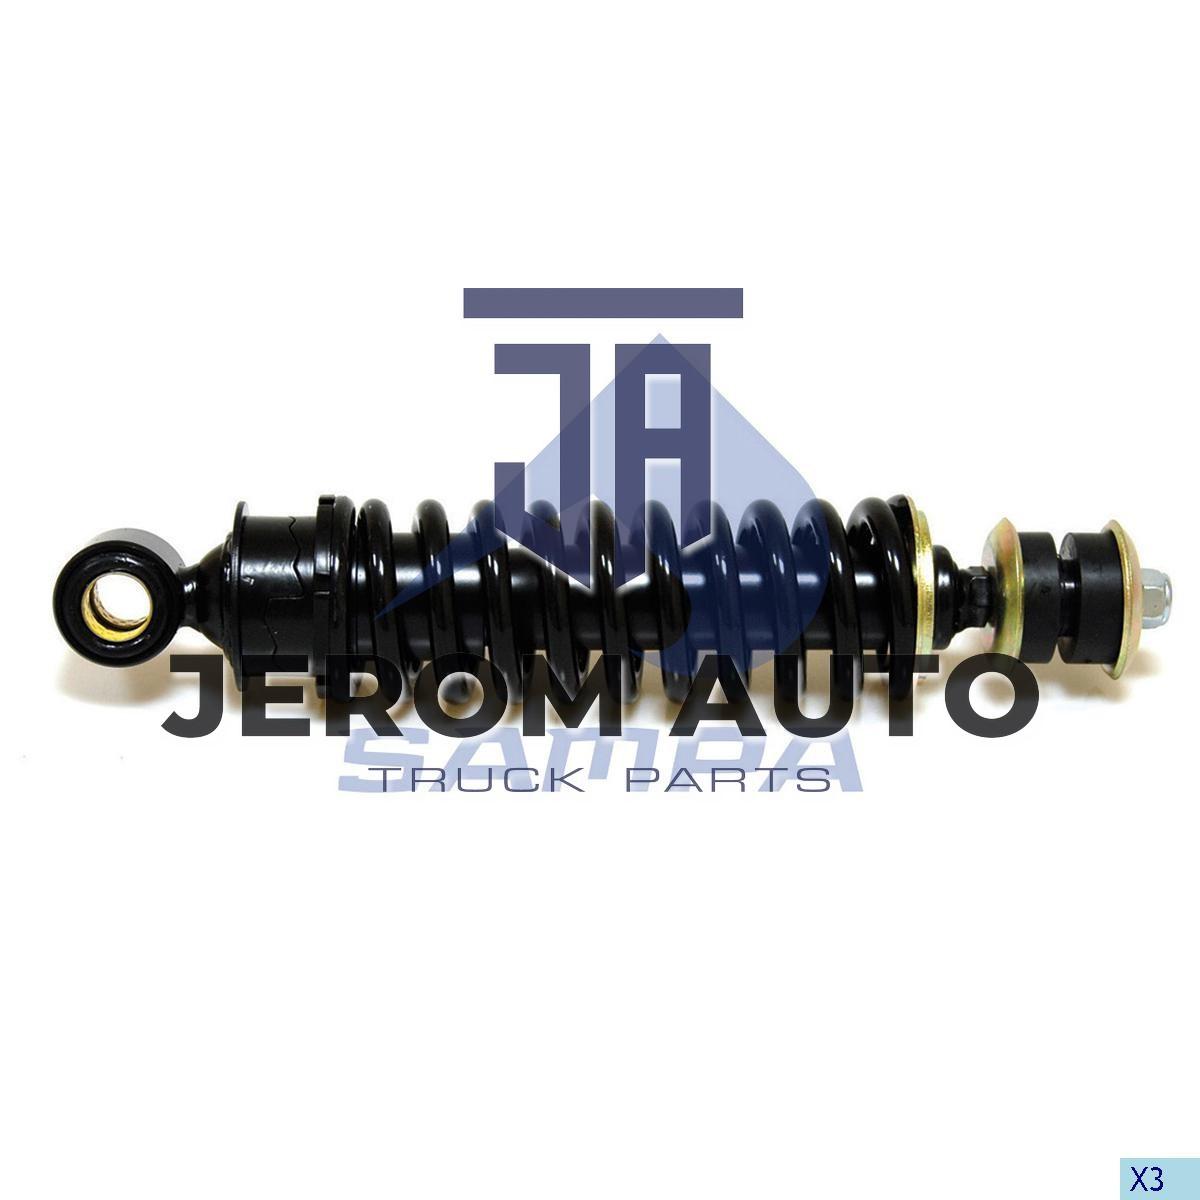 Амортизатор кабины DAF CF65,75,85 (L277-329) передн. \1377827 \ 050.206